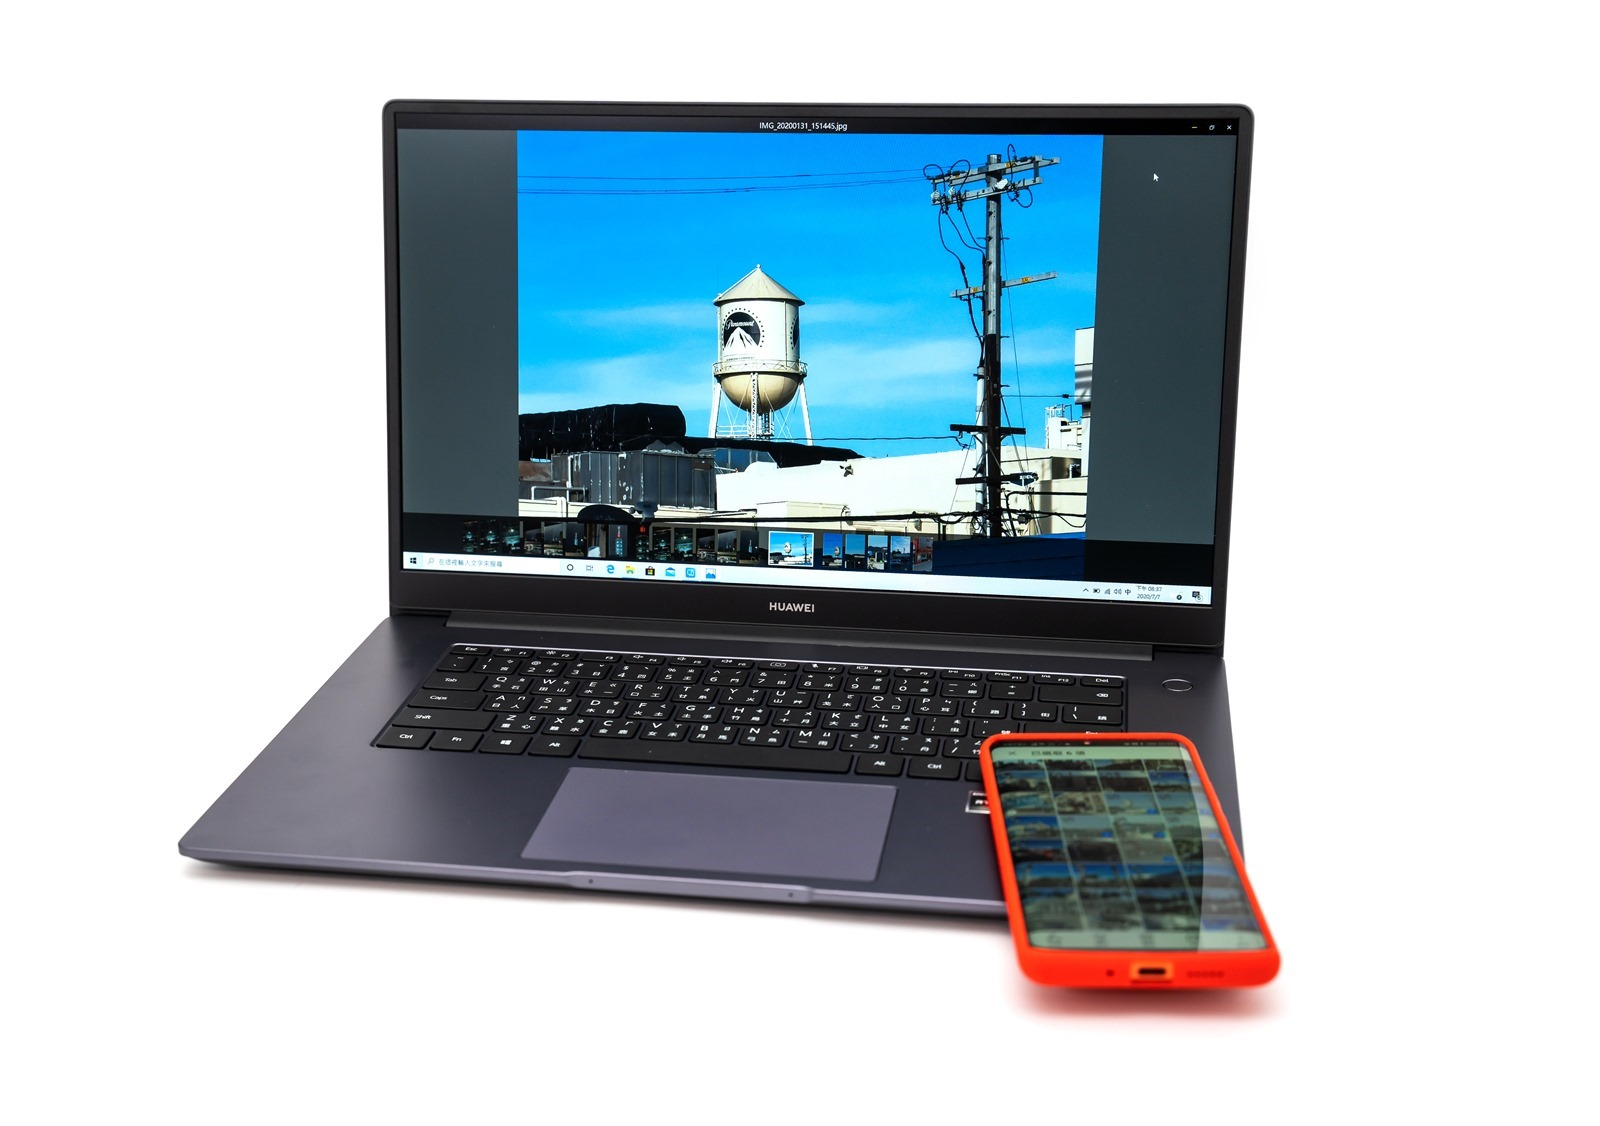 平價高競爭力機型!HUAWEI Matebook D 系列開箱評測(金屬機身 / AMD 新 U / 高螢幕佔比 / NFC 一碰傳)@3C 達人廖阿輝